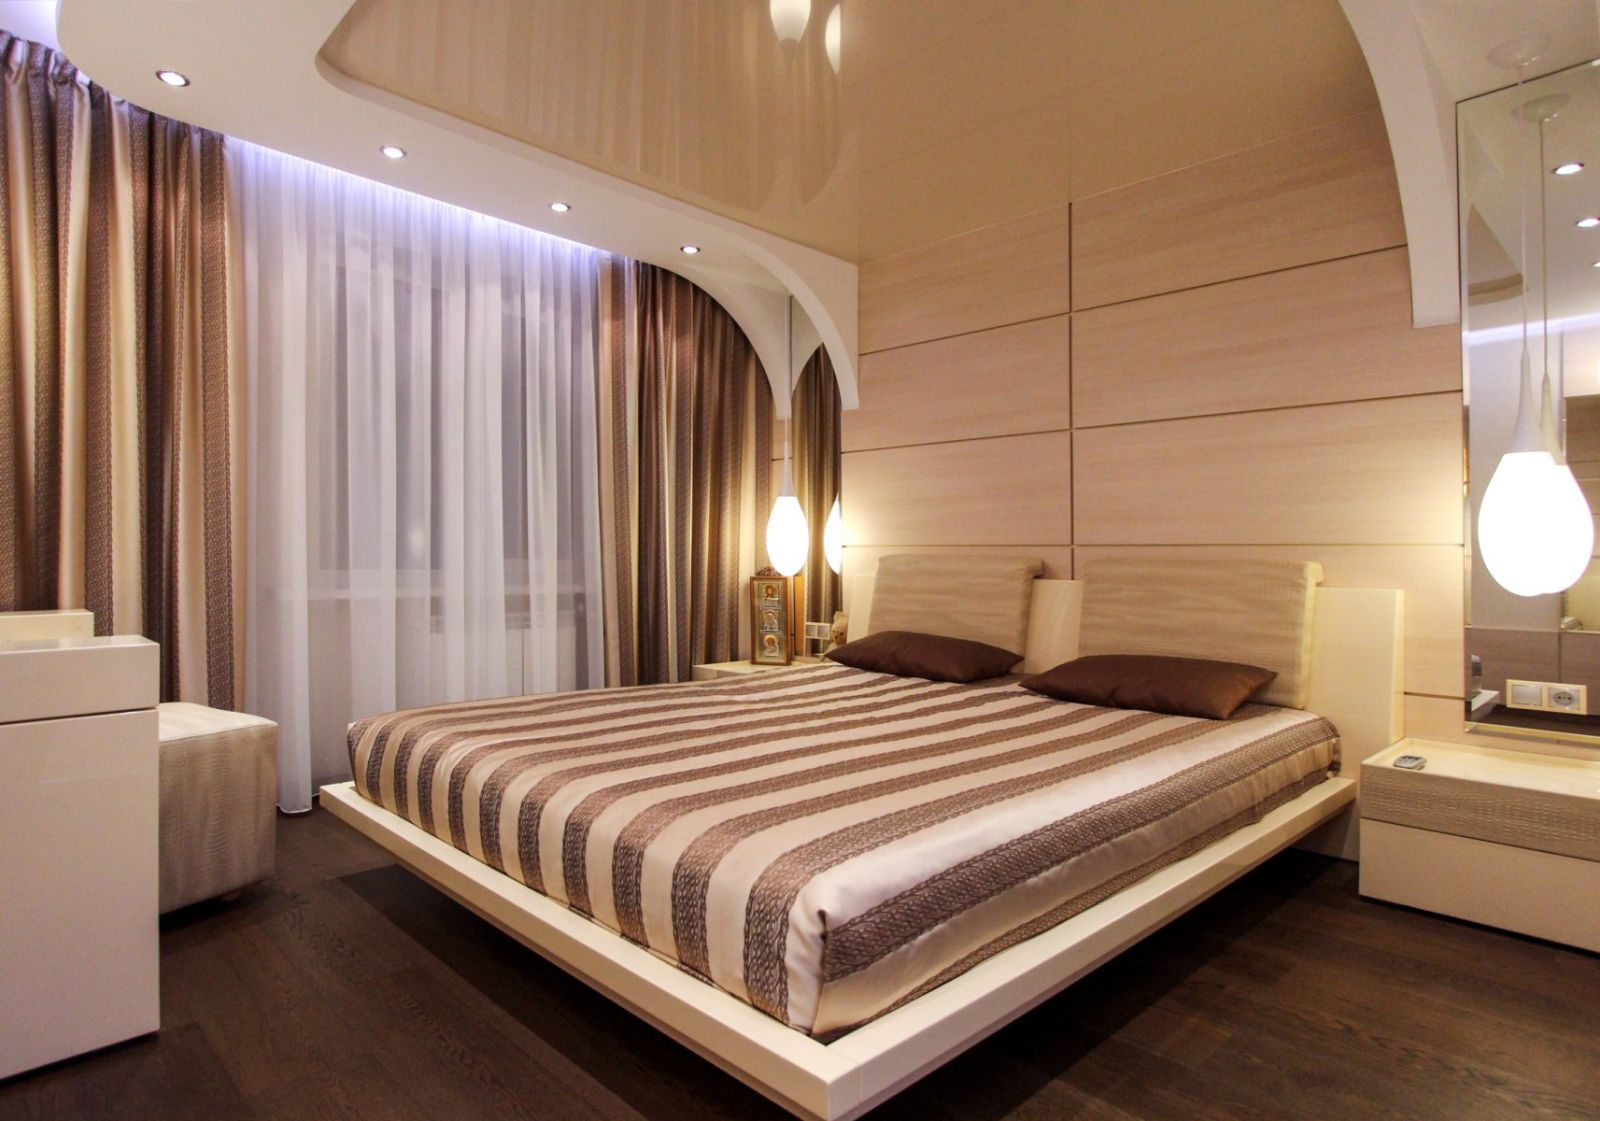 Виды потолков в спальне фото из гипсокартона памятники больше